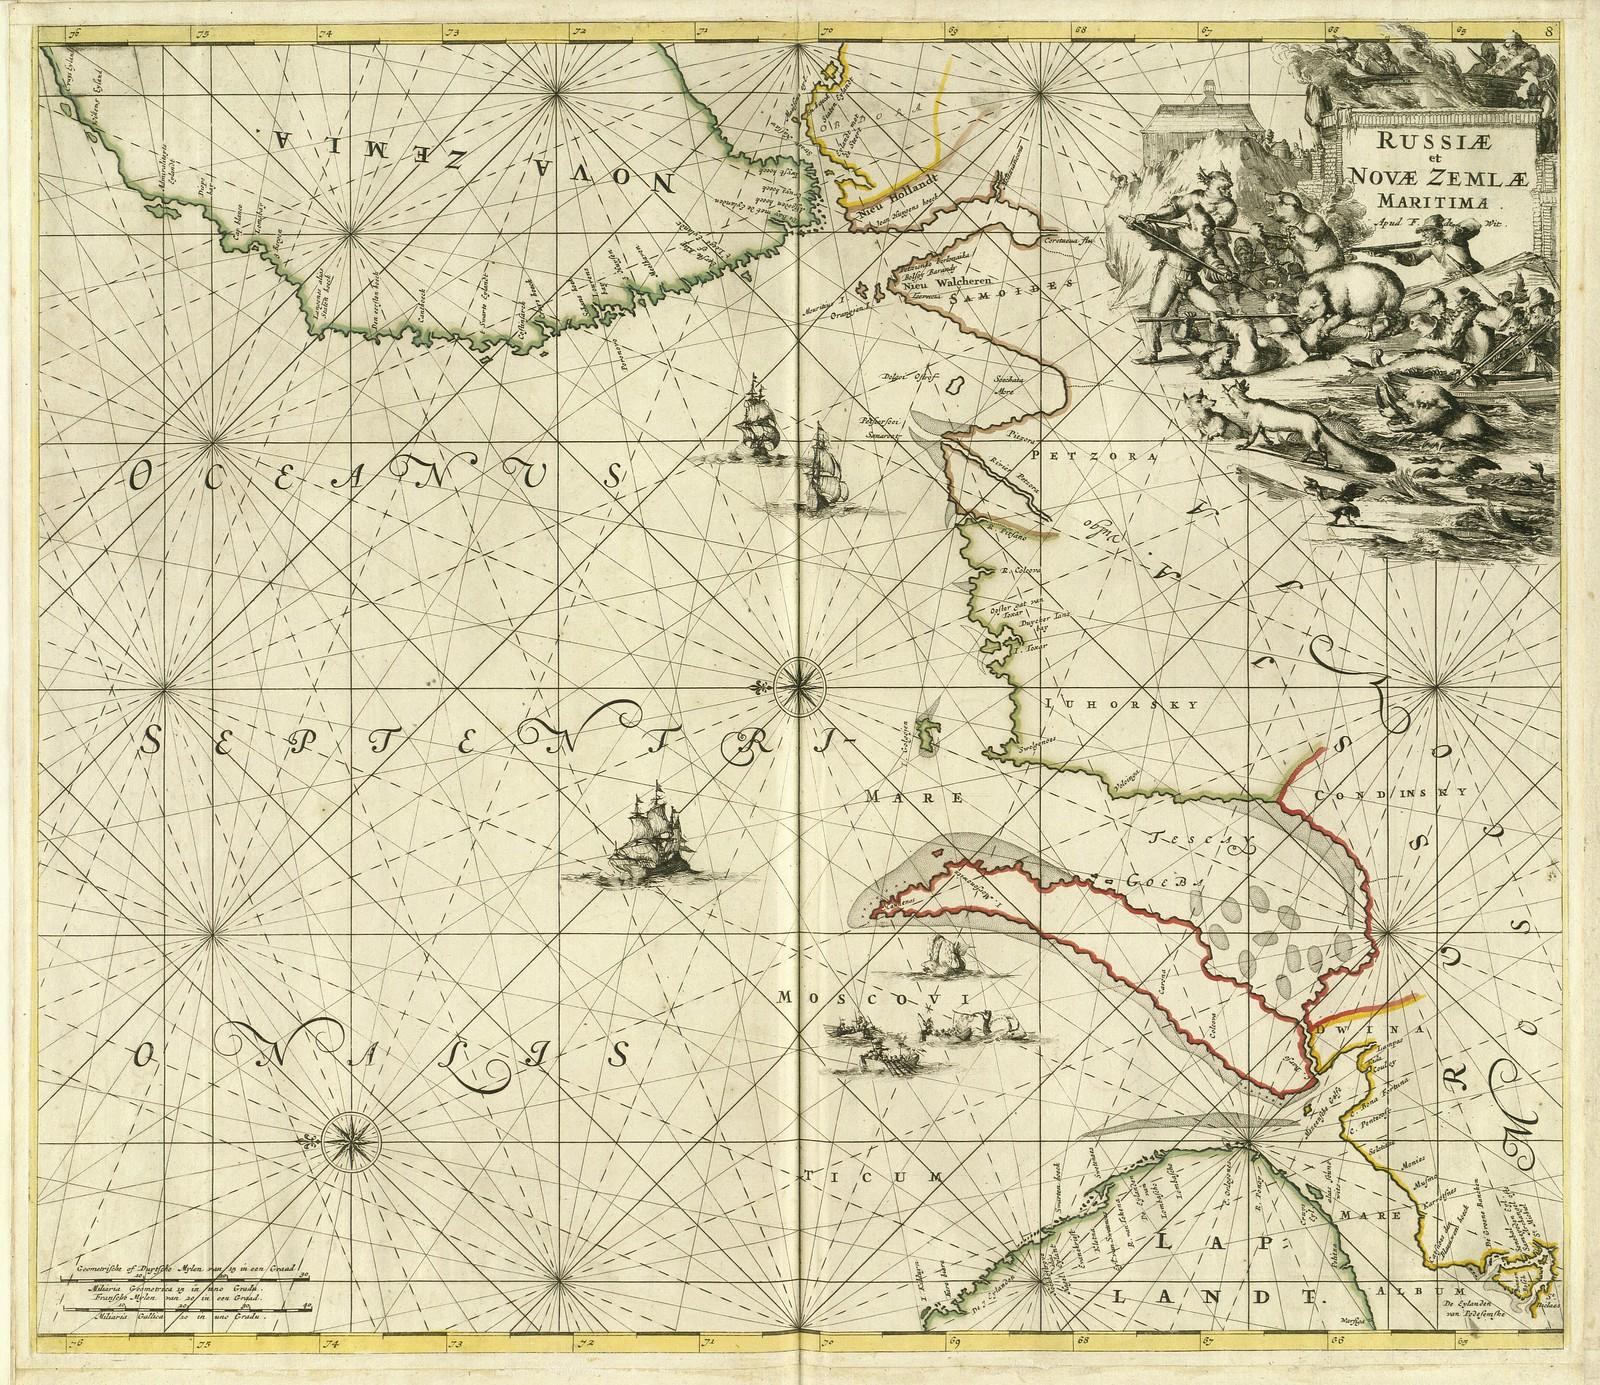 1660. Россия и побережье Новой Земли, Фредерик де Витт, Амстердам